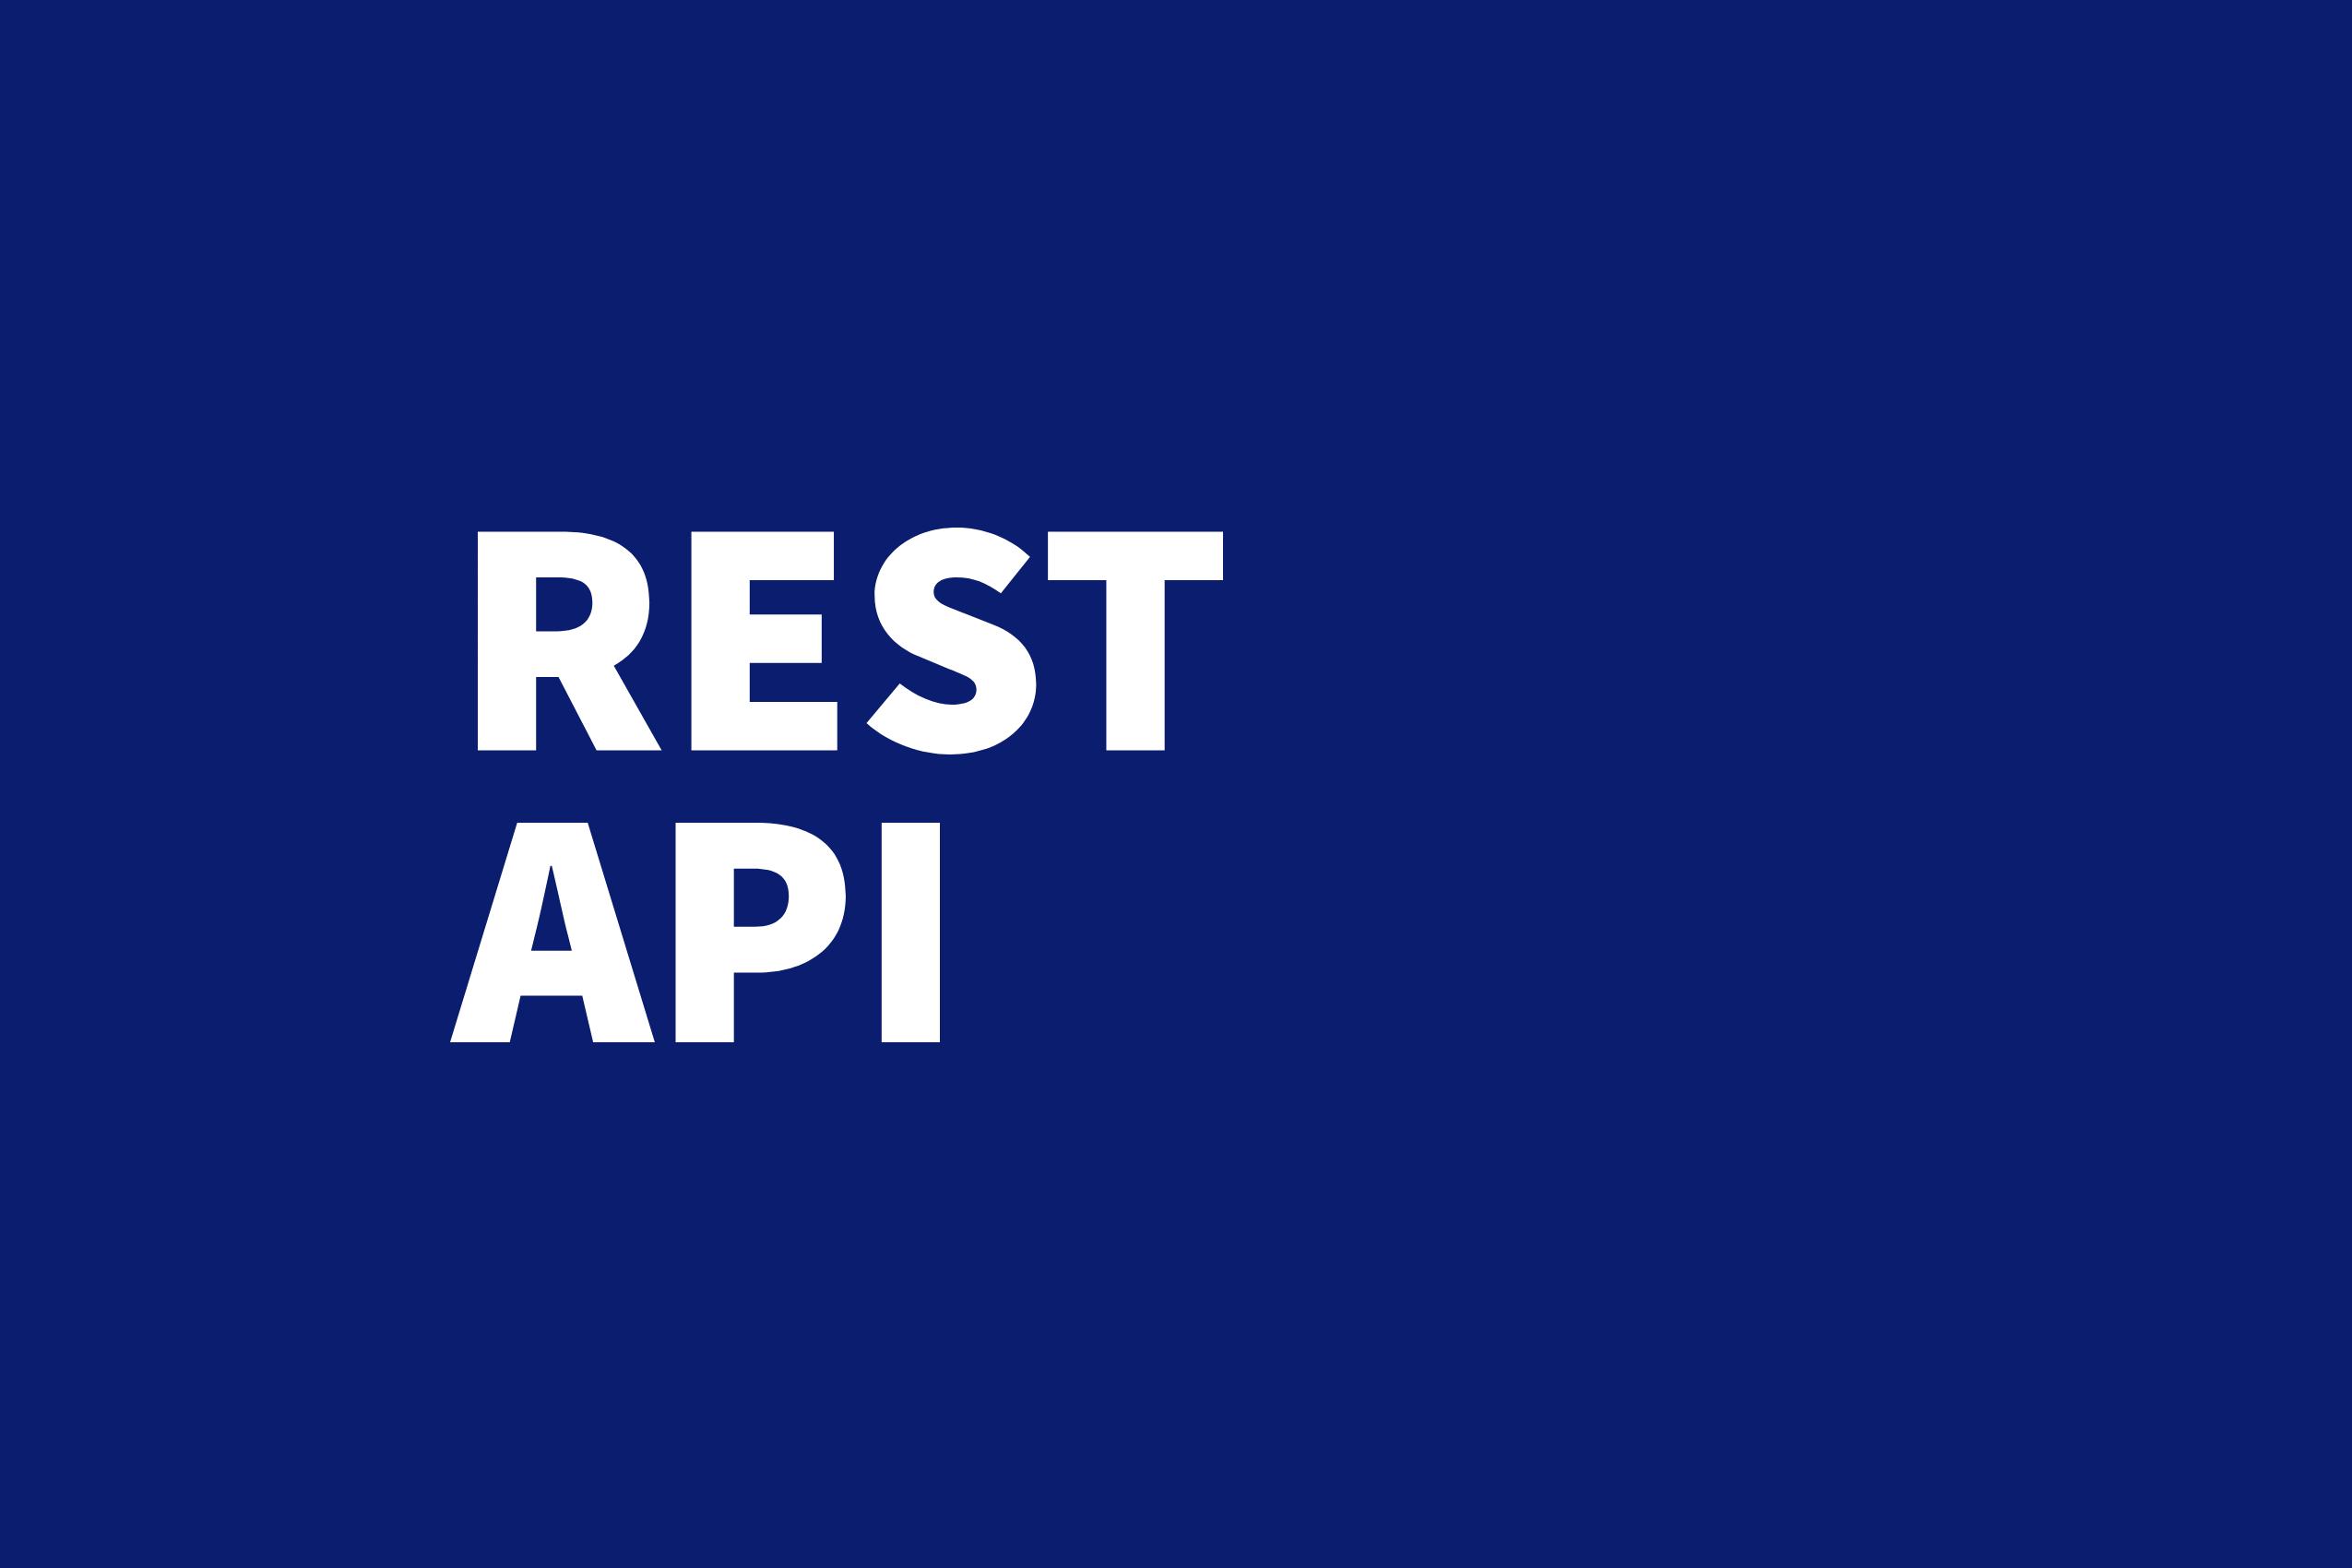 Sentim REST API